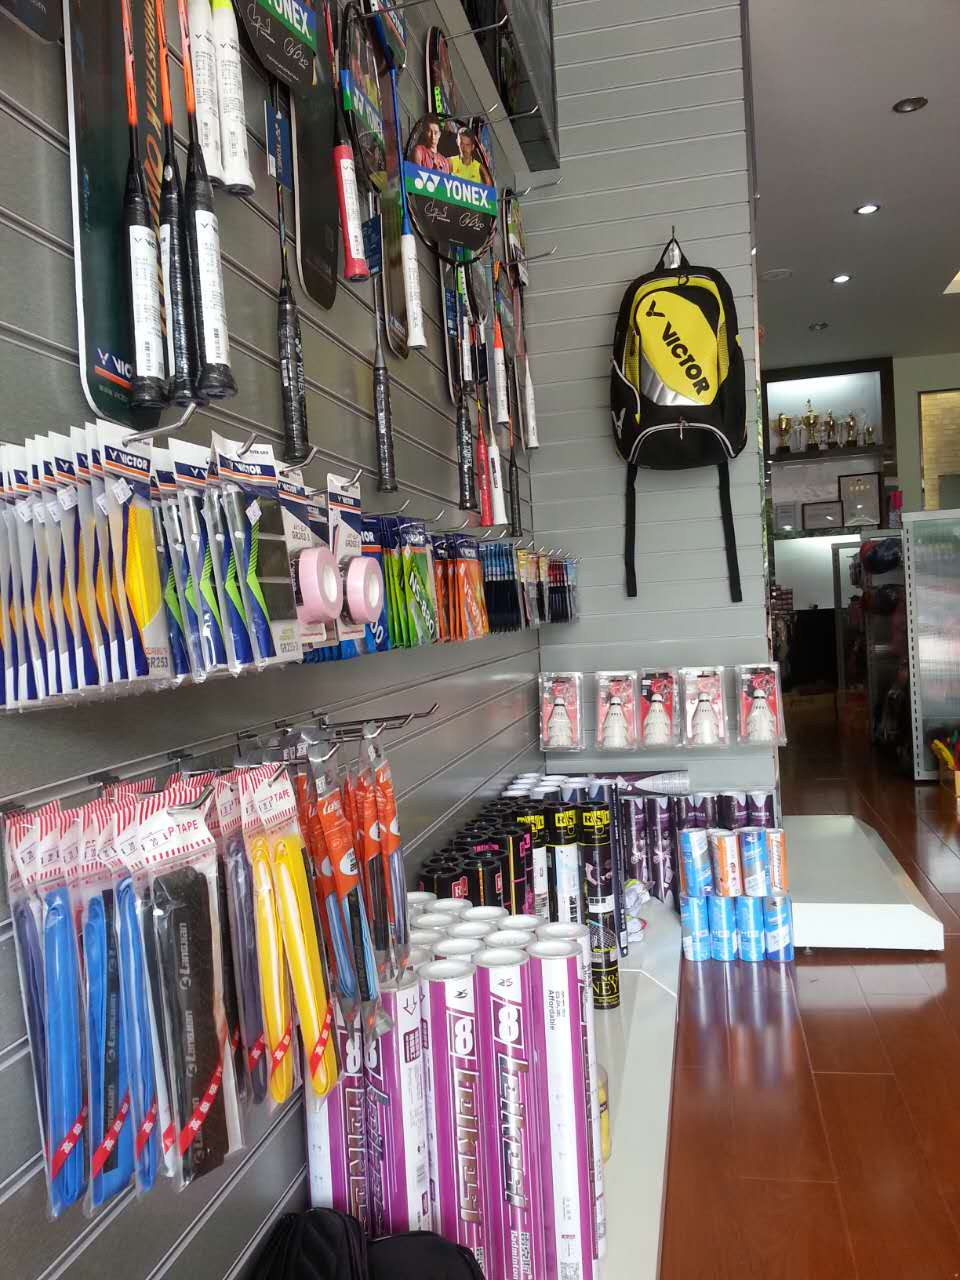 供应用于球拍拉网拉线的YY尤尼克斯胜利球拍惠州专卖店惠州哪里有羽毛球拍拉线的急急急